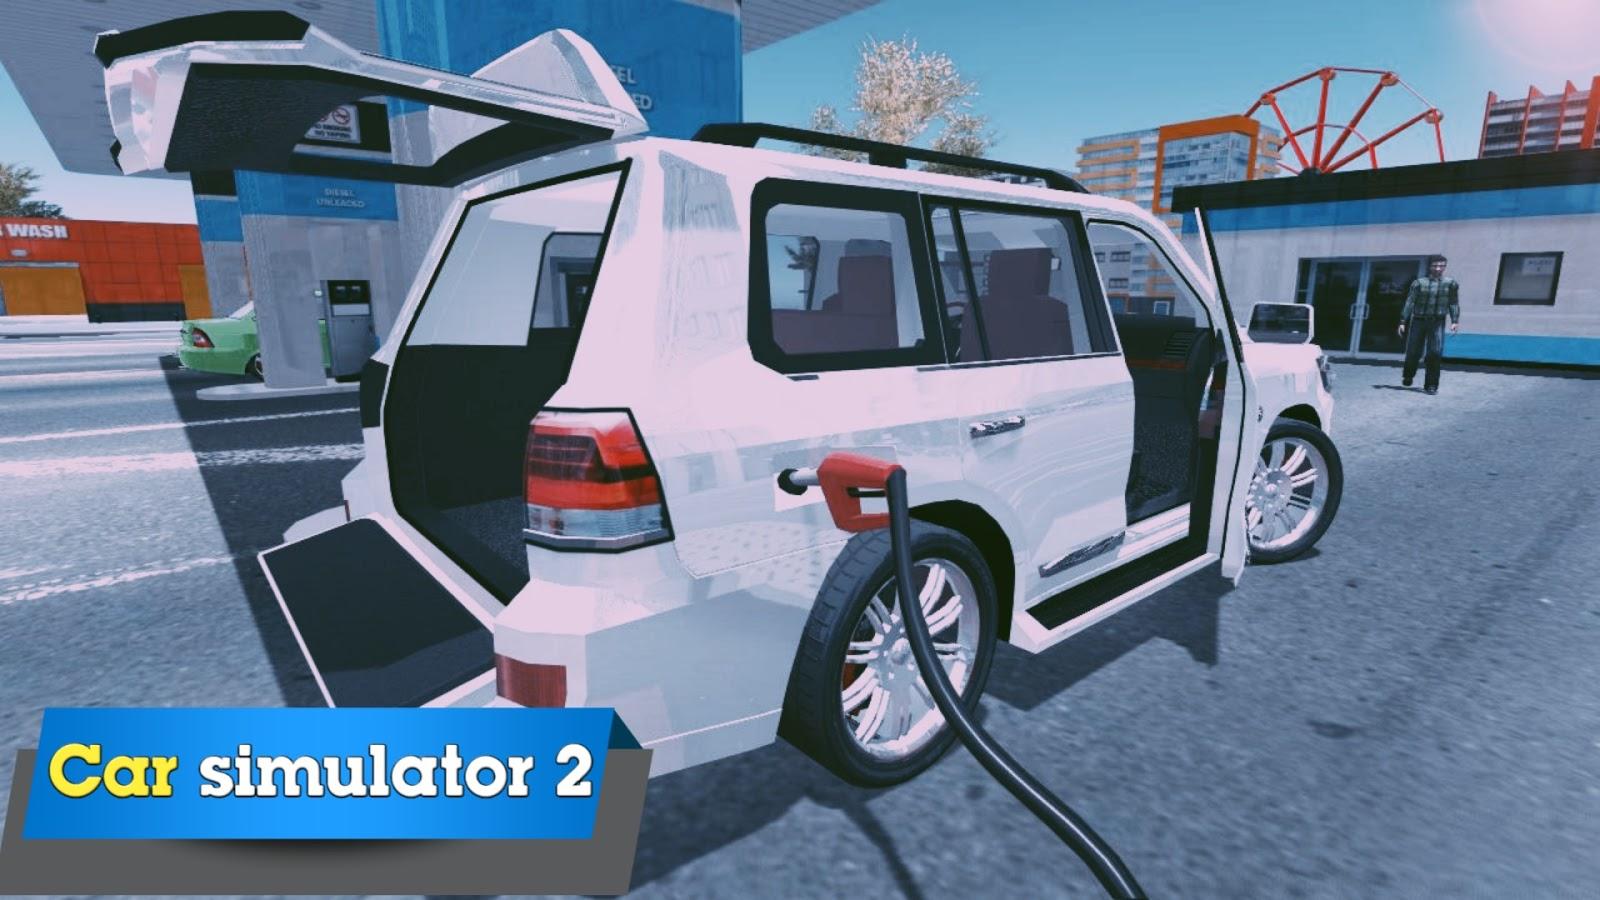 اقوى لعبة محاكي السيارات Car Simulator 2 للاندرويد